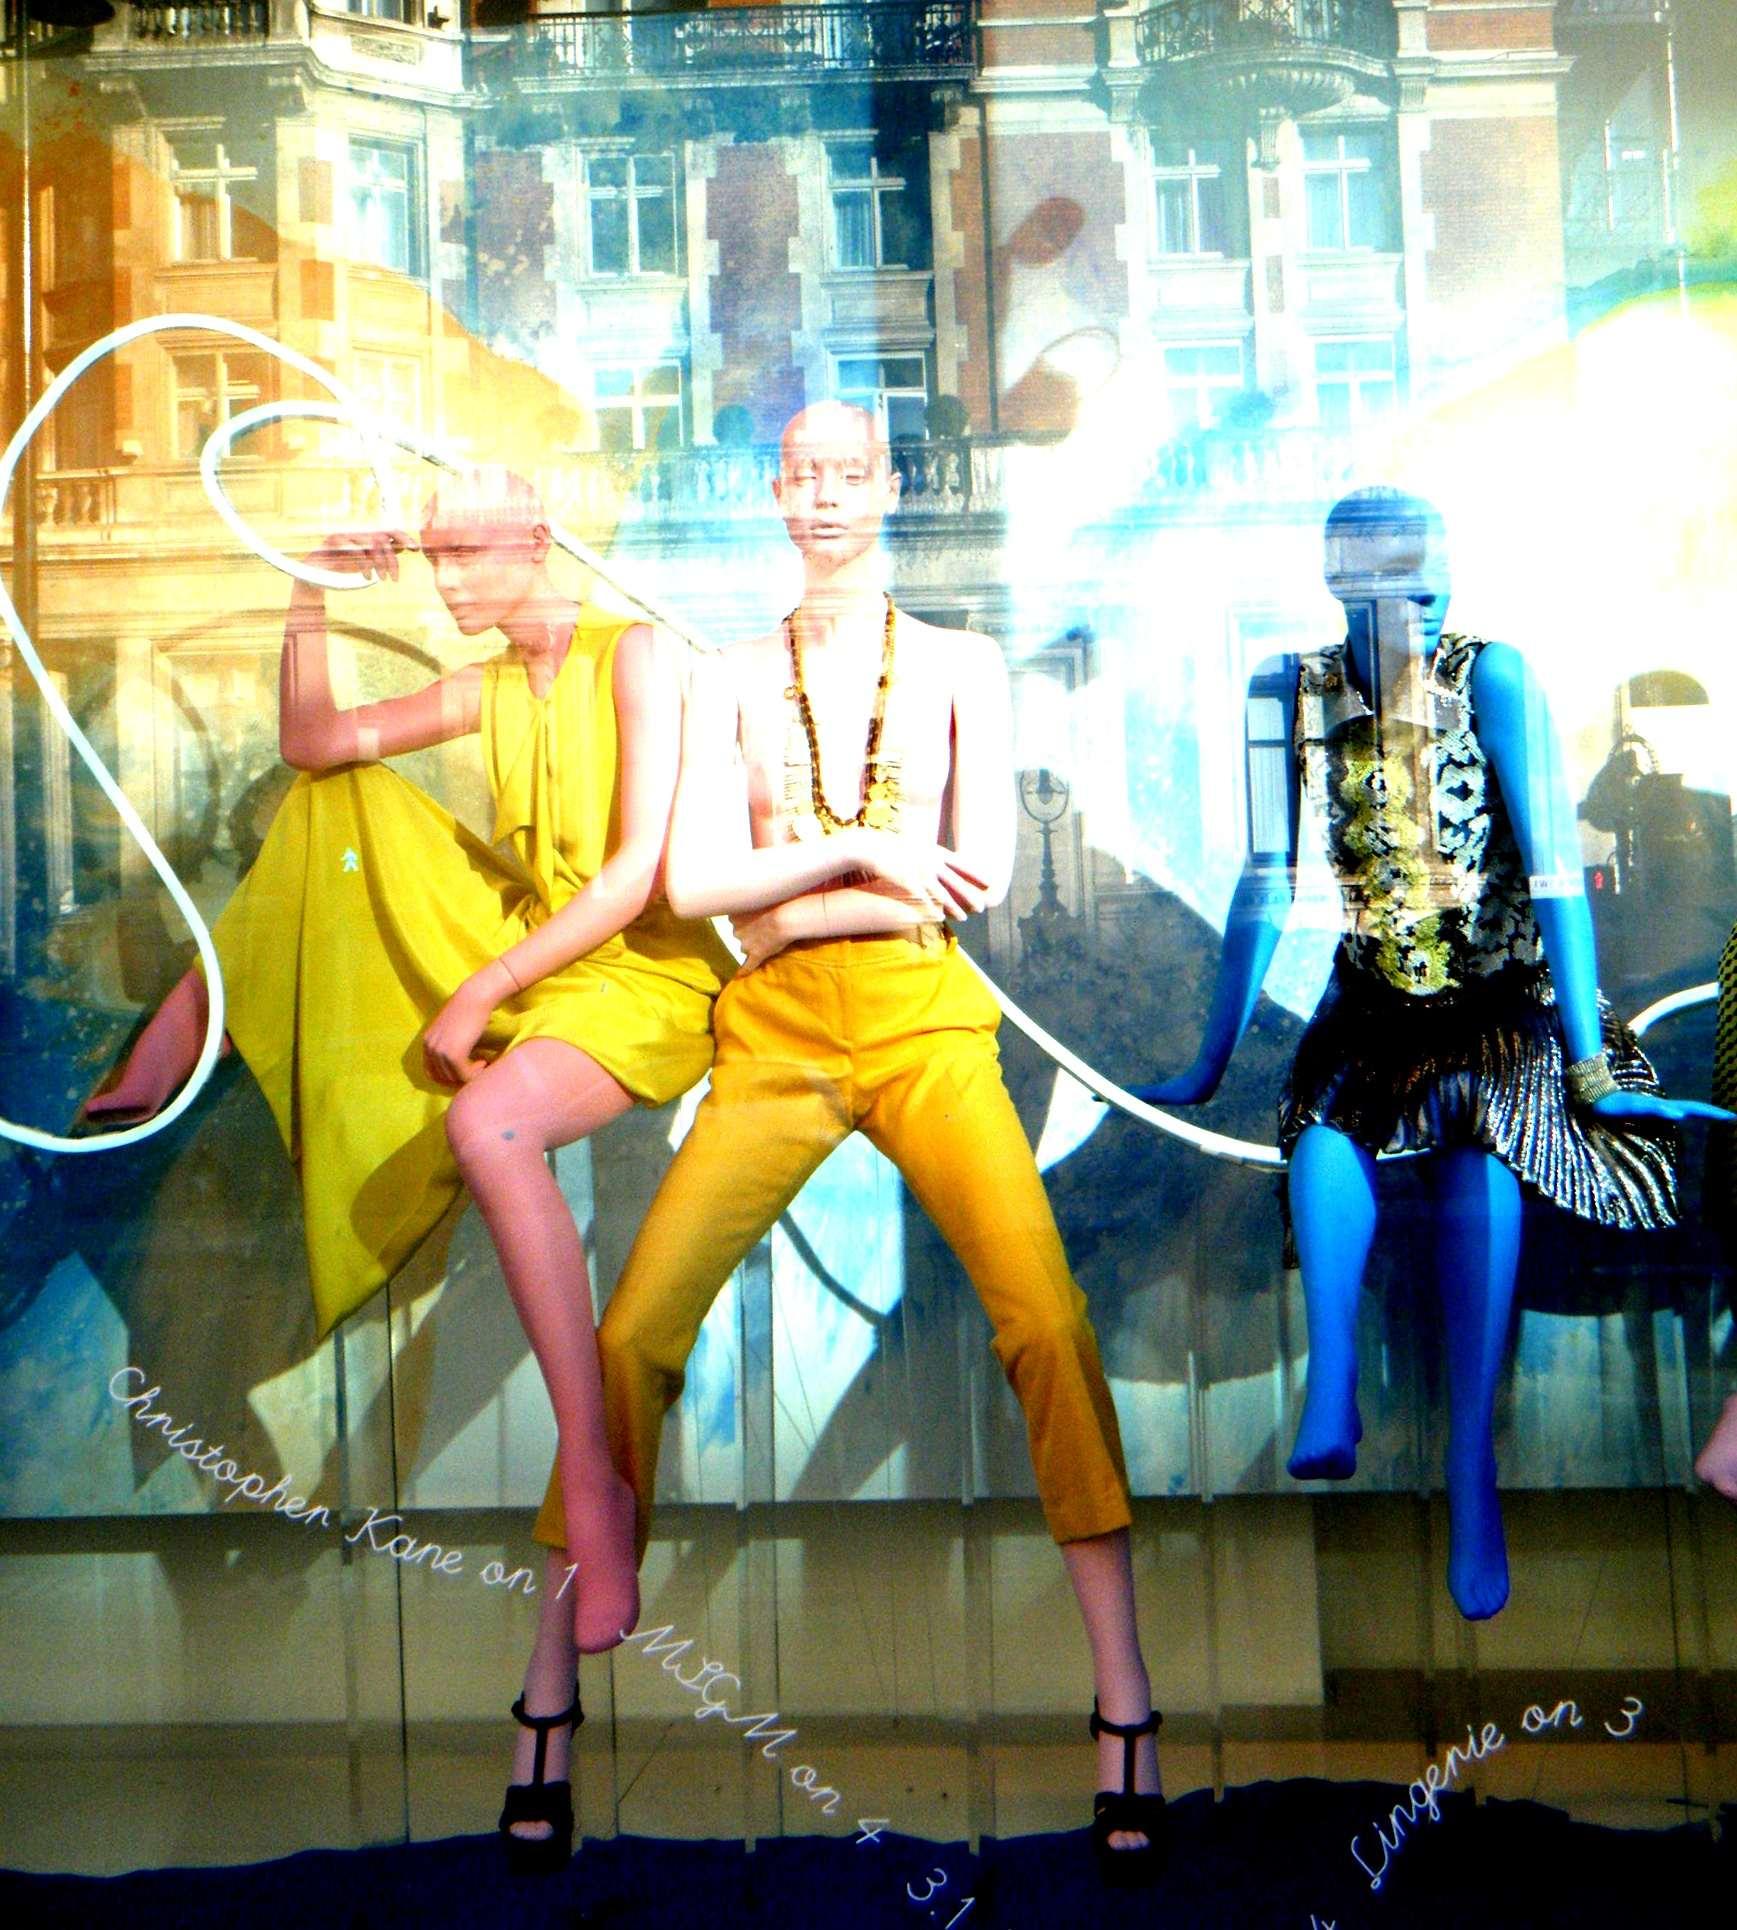 e7c05a284a8 Fashion Spring Summer 2012   London Window Shopping - TrendSurvivor